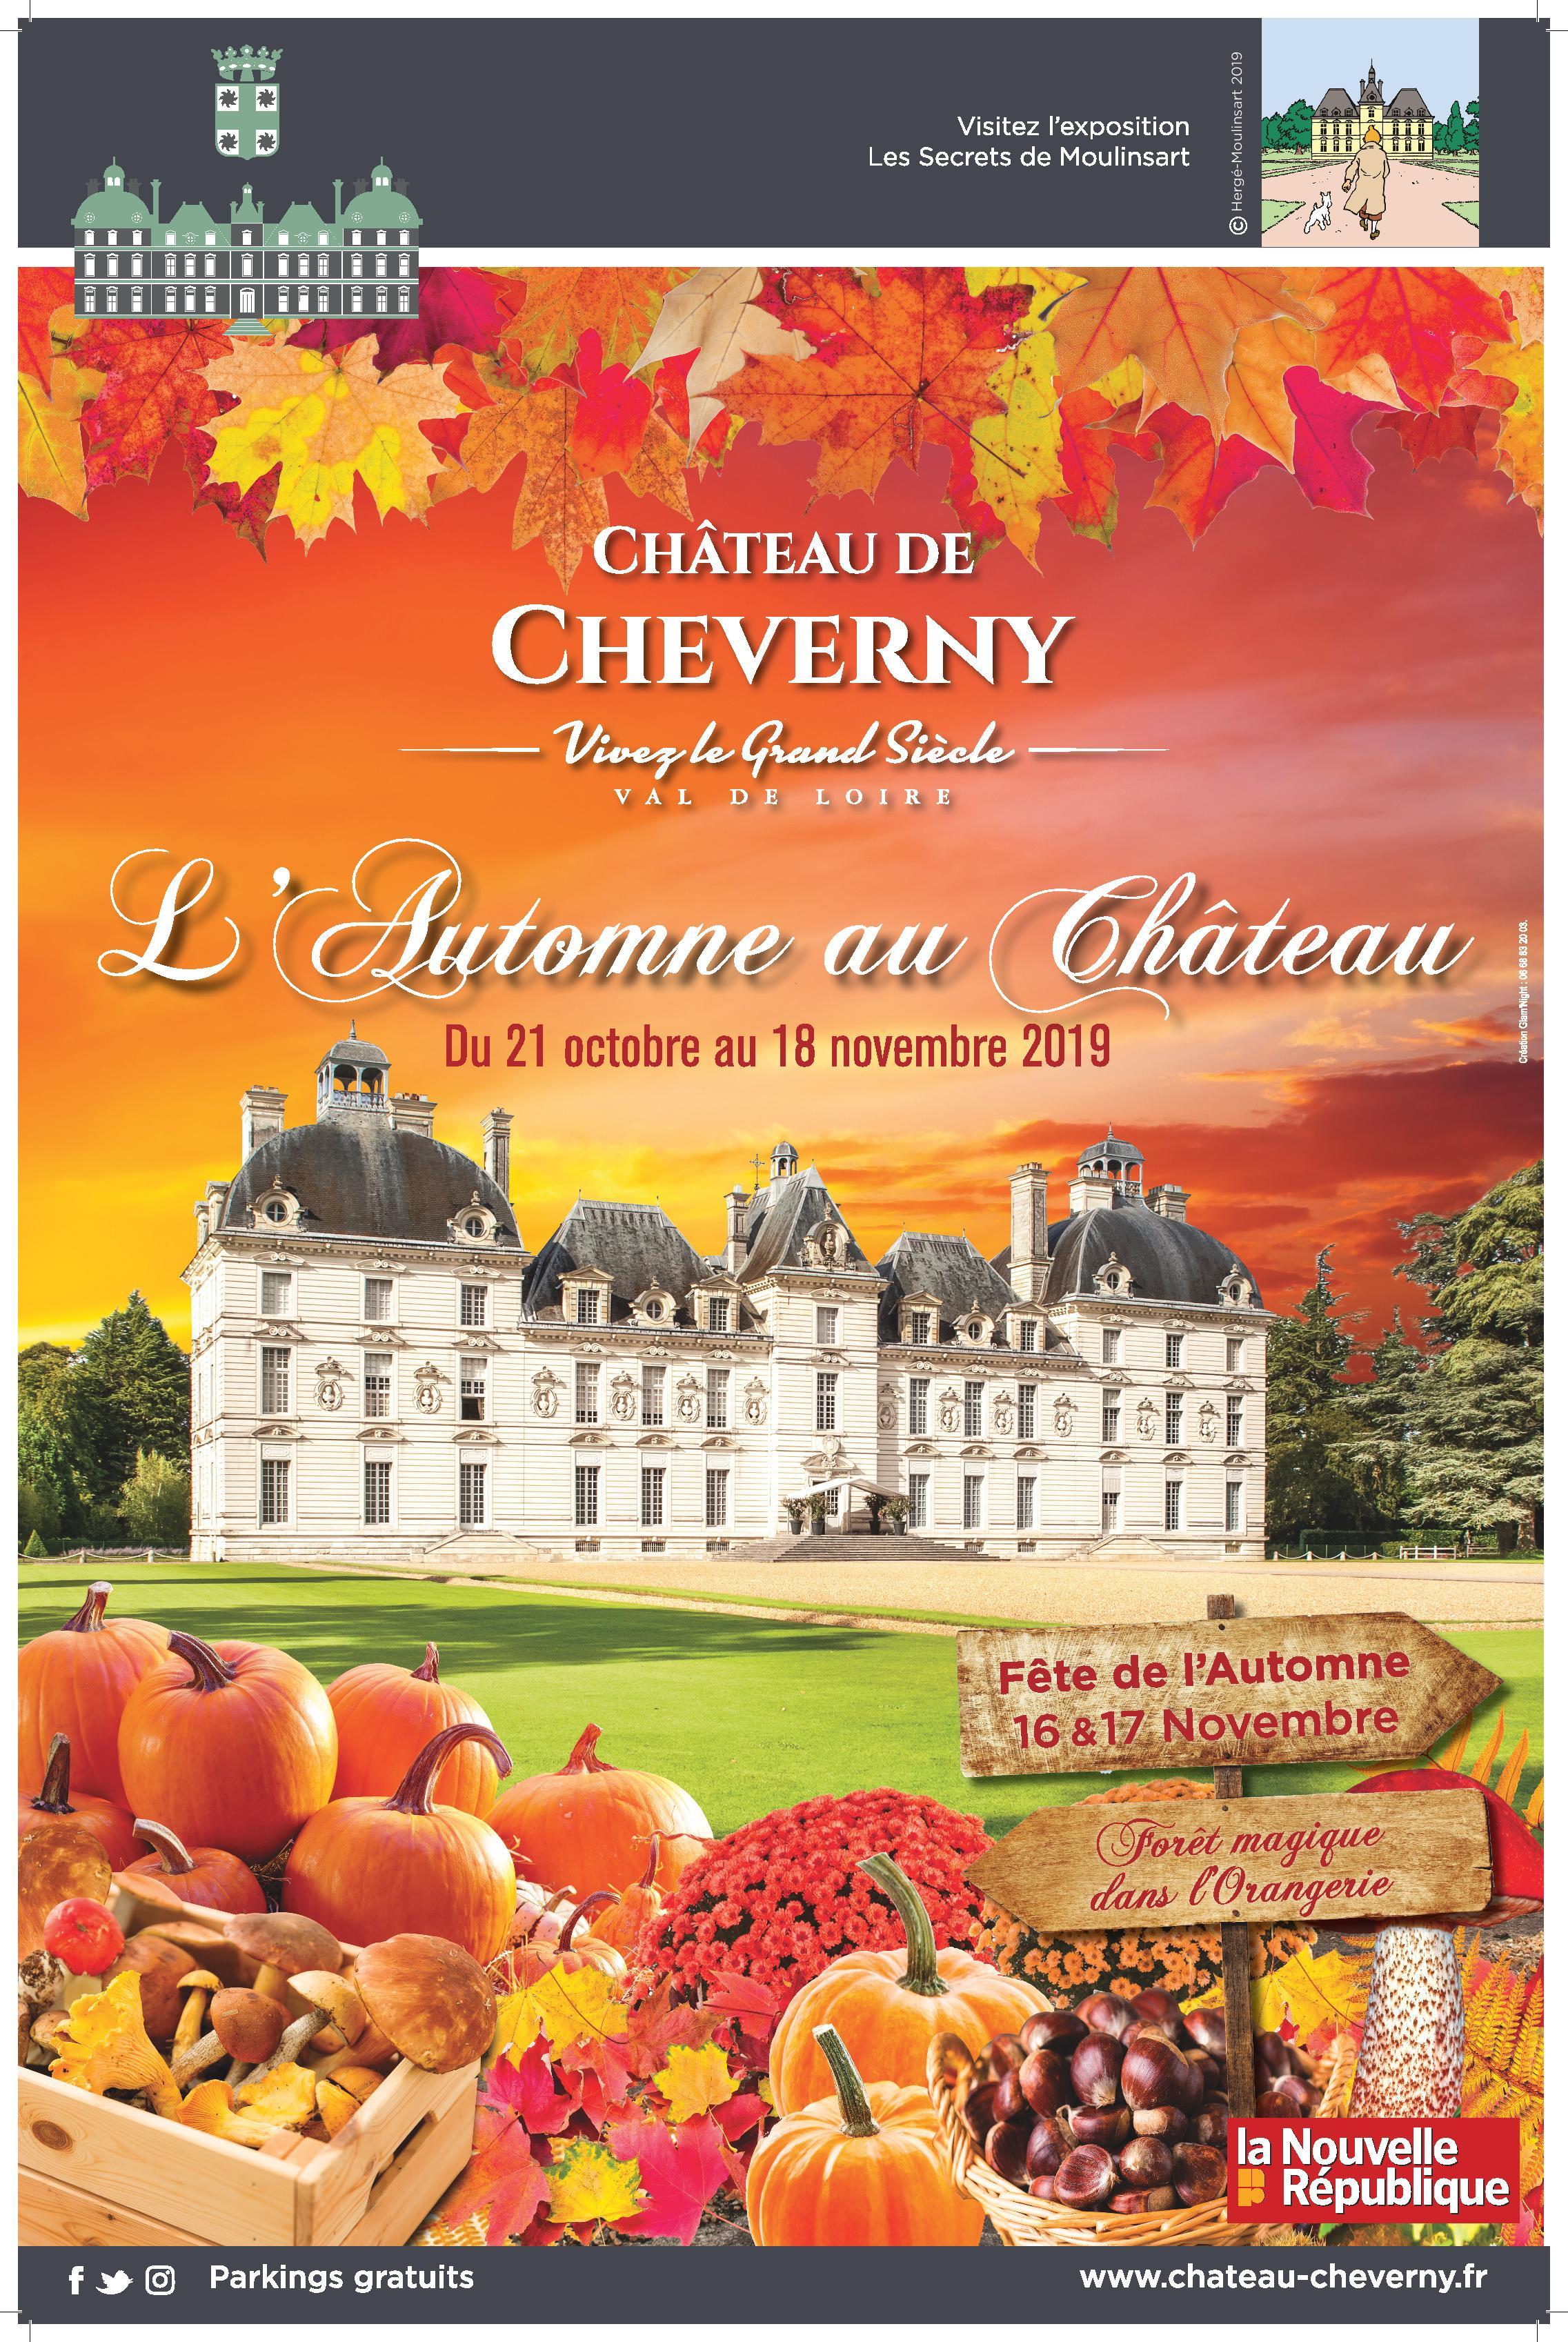 chateau de cheverny - fete de l'automne